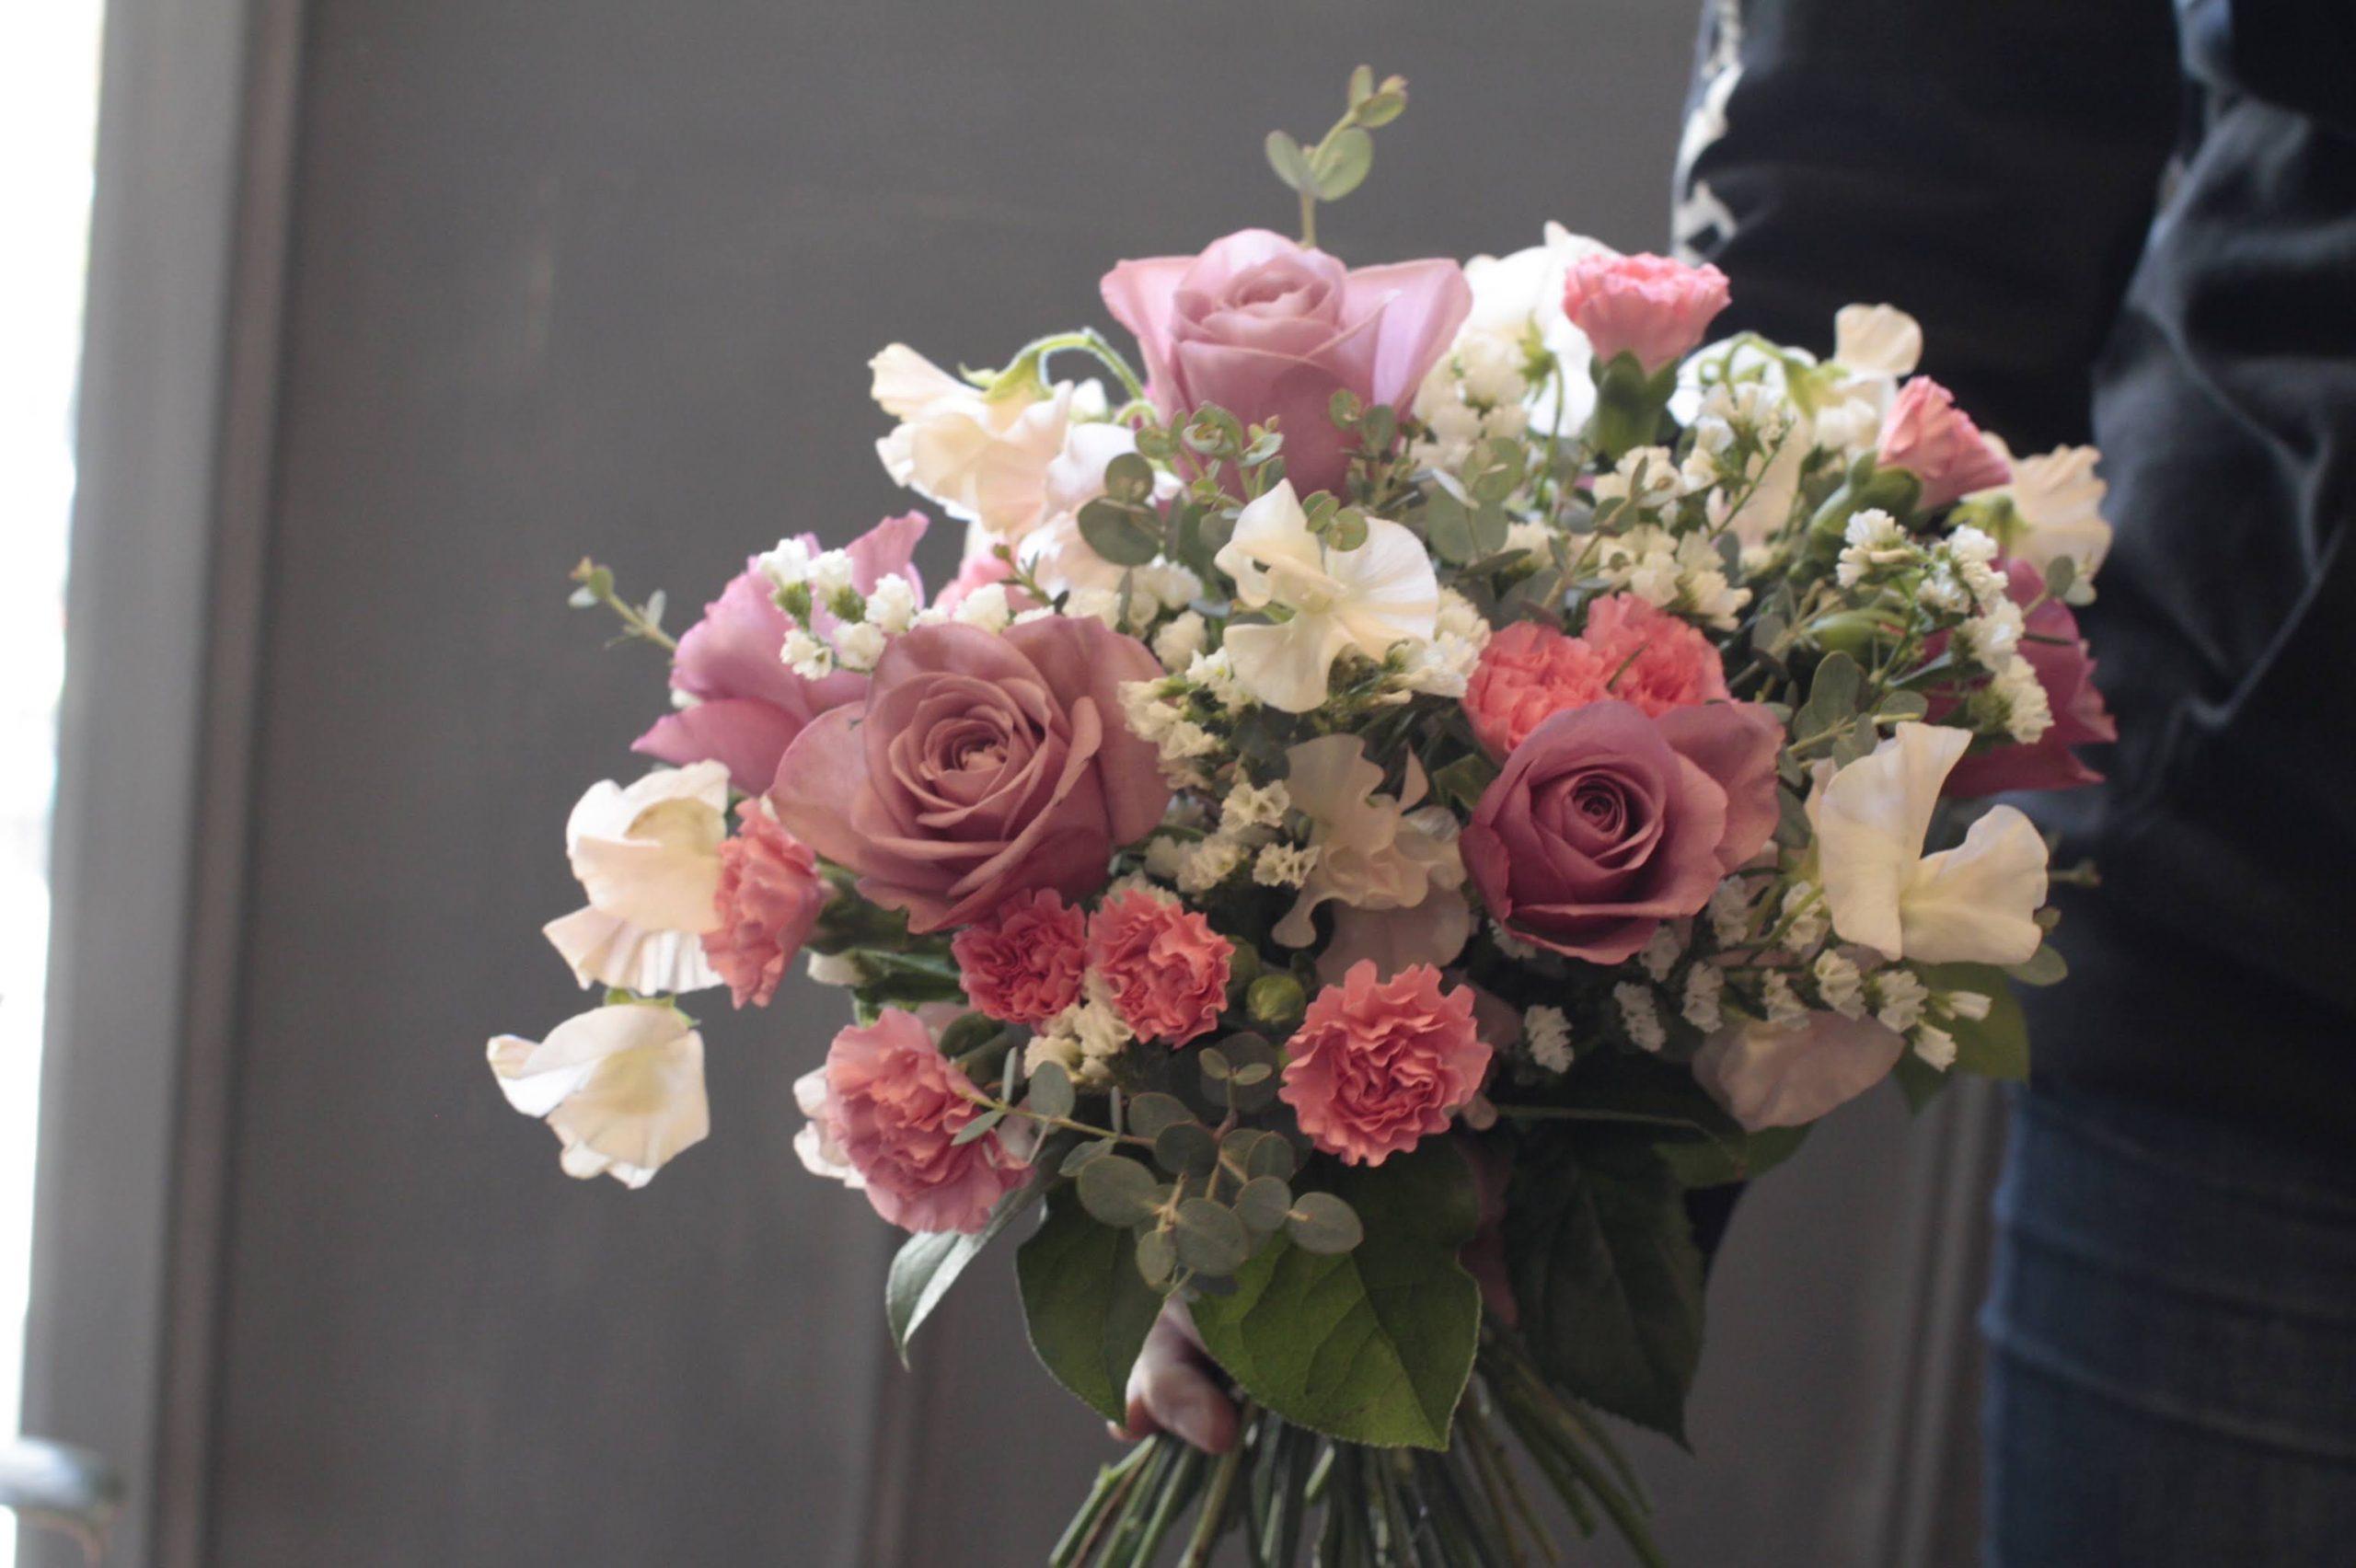 春の花束レッスンのお知らせ 福岡 フラワーアレンジ教室 花屋;